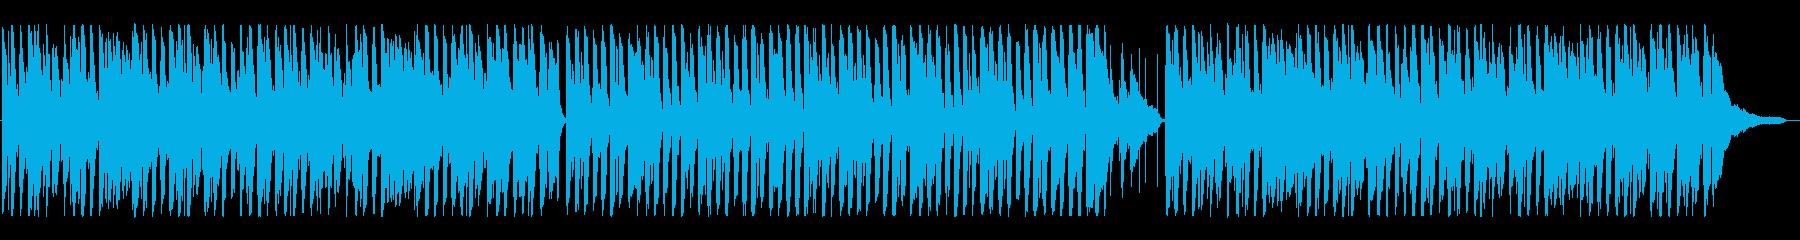 ハッピー楽しい、ポップなアコースティックの再生済みの波形